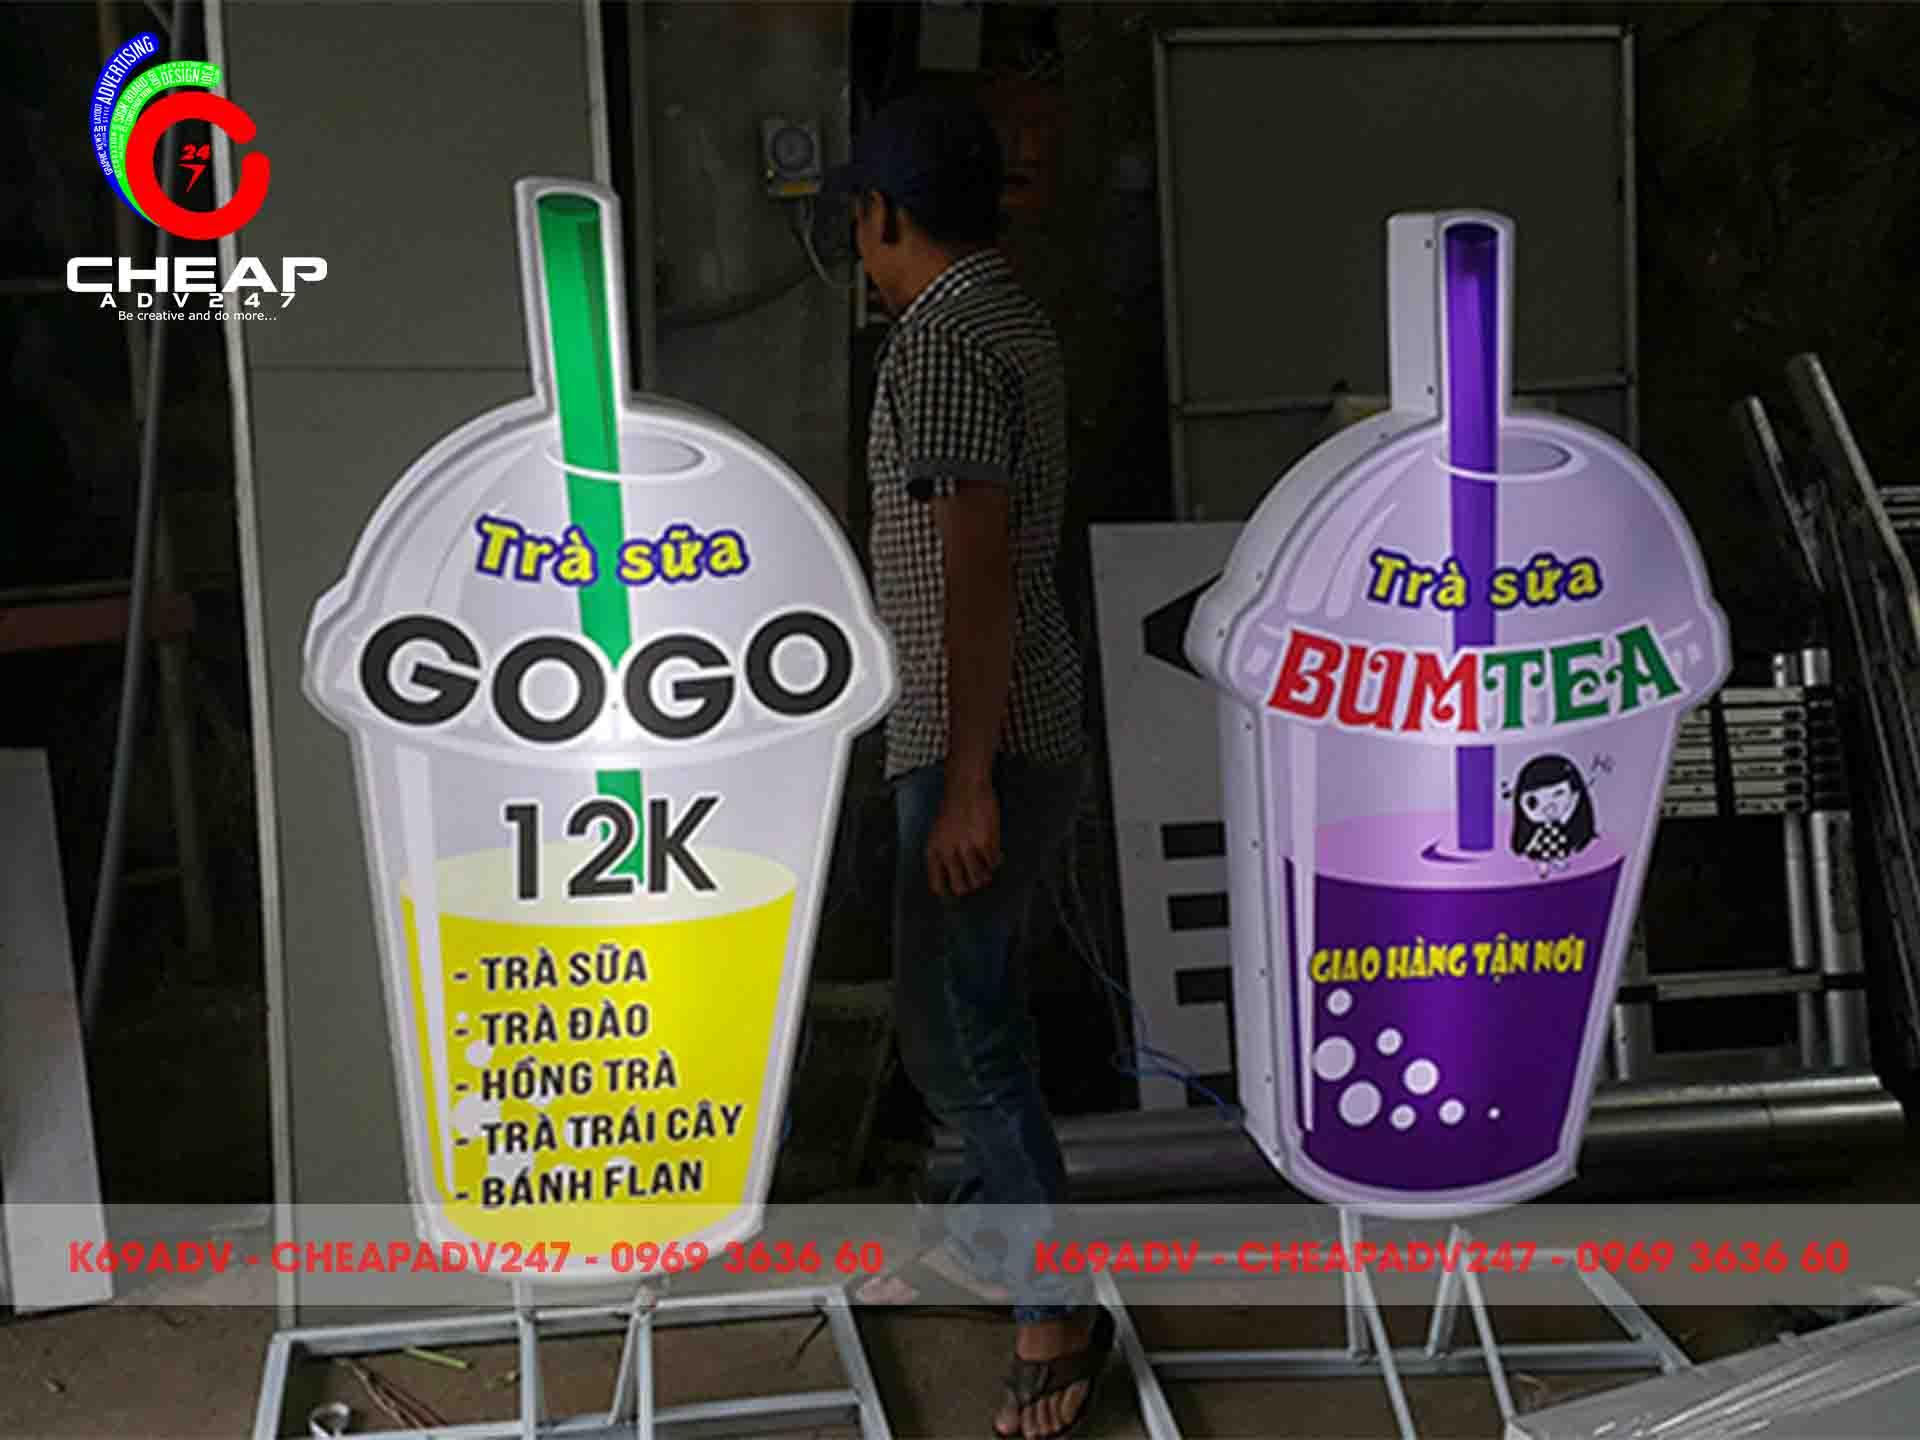 Mẫu bảng hiệu trà sữa Cheapadv247 đã thi công